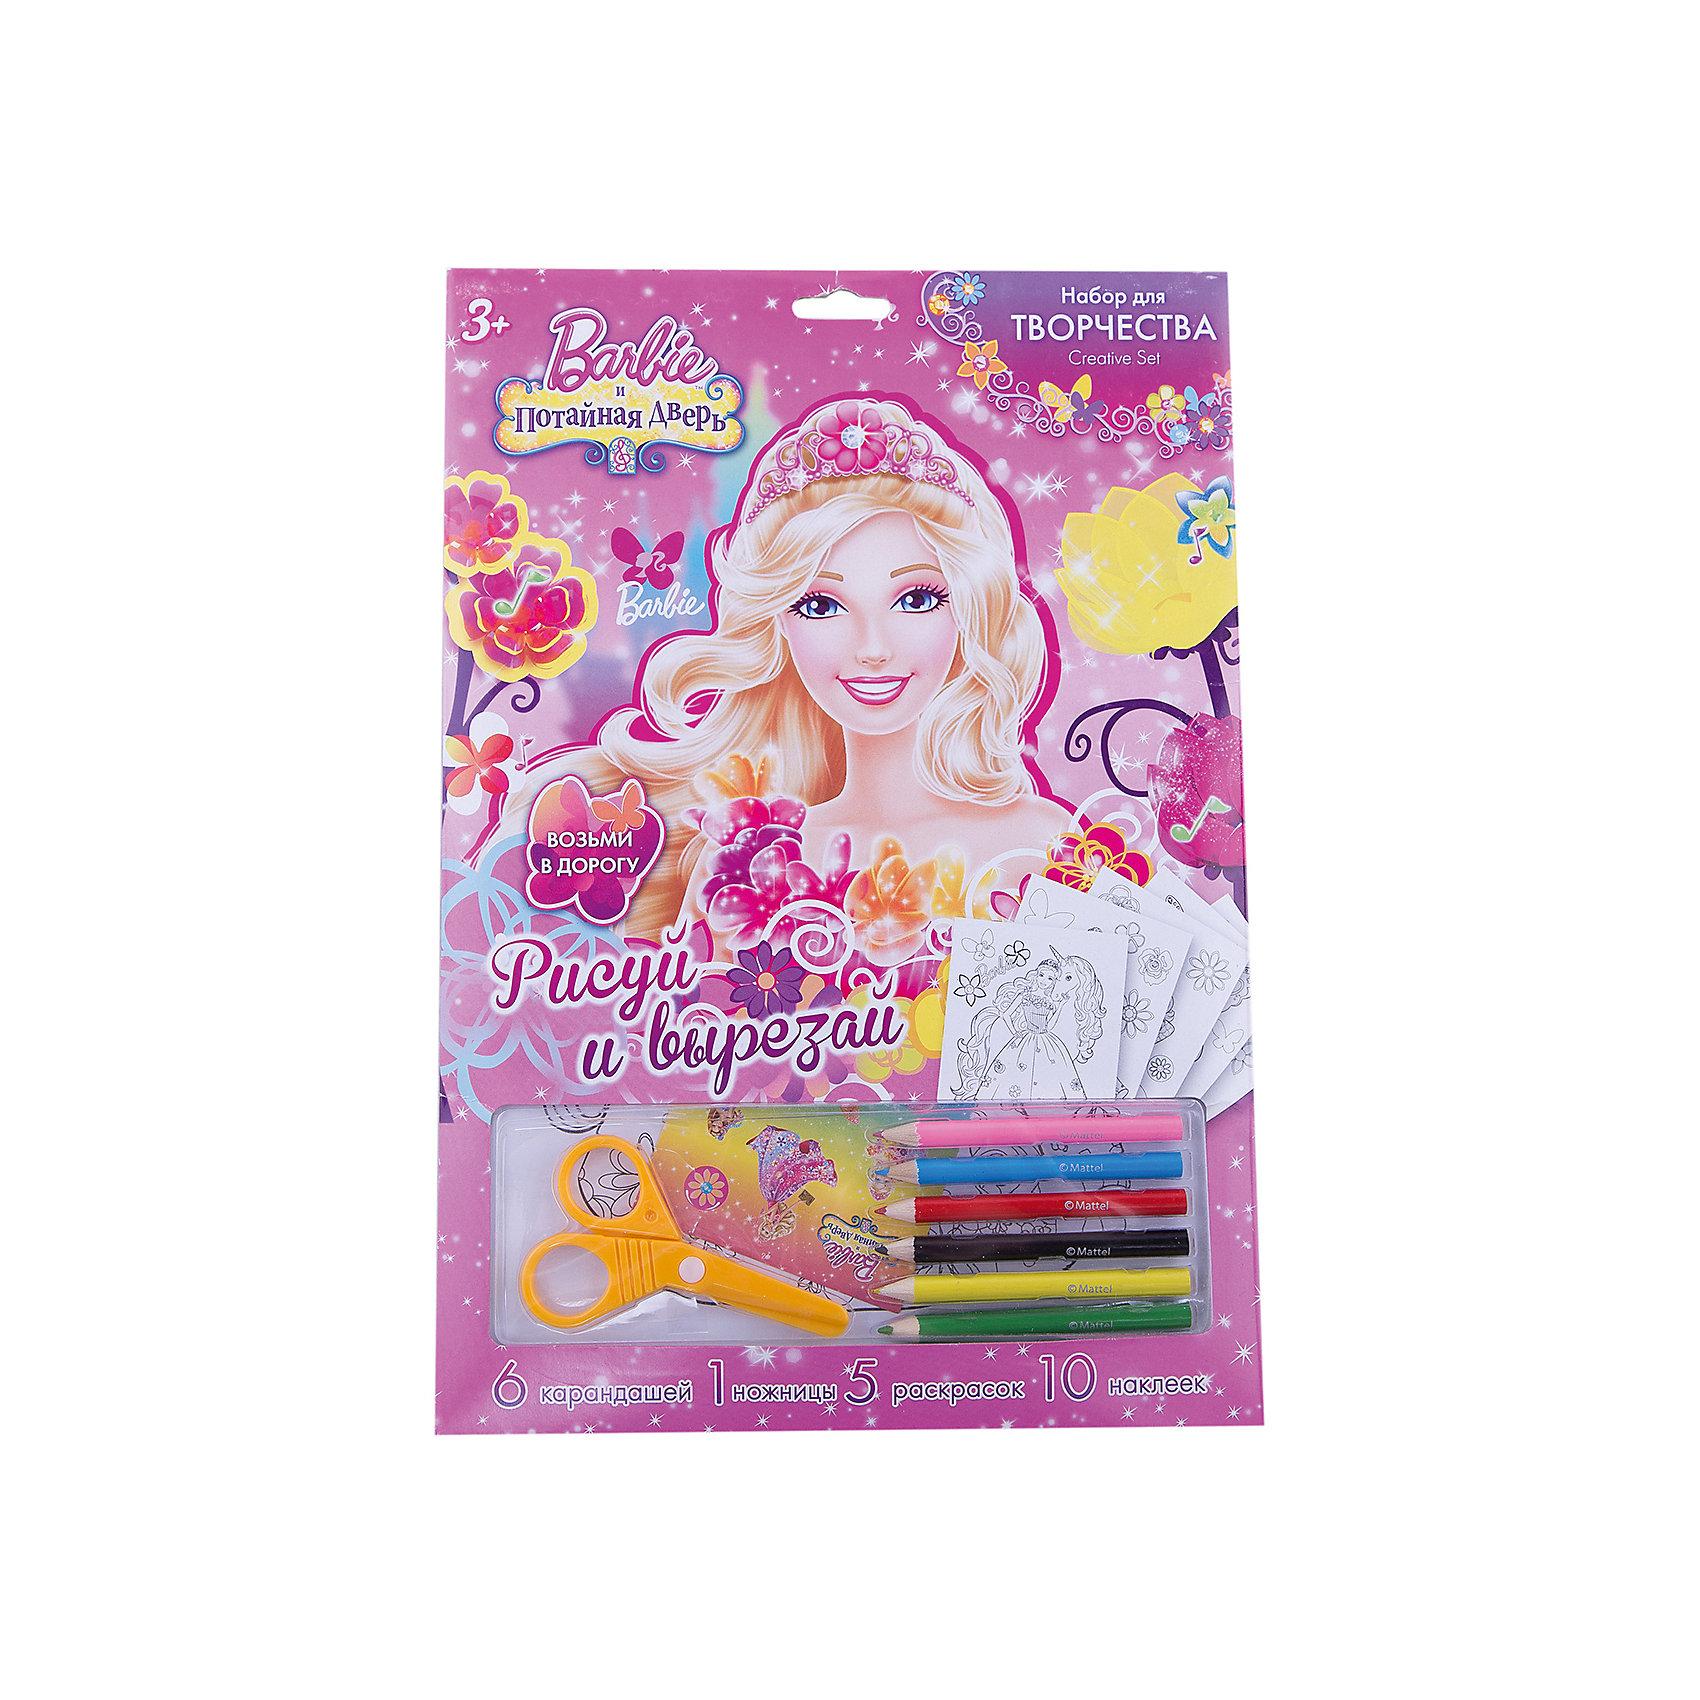 Набор для путешествий Рисуй и вырезай, BarbieНабор для путешествий Рисуй и вырезай, Barbie, Limpopo (Лимпопо)<br><br>Характеристики:<br><br>• ребенок сможет раскрасить фигуры, вырезать их и приклеить<br>• компактную упаковку удобно брать в дорогу<br>• в комплекте: карандаши (6 шт.), 5 раскрасок, 10 наклеек, ножницы<br>• размер упаковки: 15х33х23 см<br>• вес: 131 грамм<br><br>Долгая дорога или путешествие - не повод отвлекаться от творчества. Набор Рисуй и вырезай отличается компактностью, что позволяет взять его с собой в любой ситуации. В комплект входят карандаши, наклейки, ножницы и раскраски. Девочка сможет раскрасить фигурку Барби, вырезать её, а затем приклеить на бумагу. Красочная упаковка с обворожительной Барби понравится вашей маленькой принцессе!<br><br>Набор для путешествий Рисуй и вырезай, Barbie, Limpopo (Лимпопо) вы можете купить в нашем интернет-магазине.<br><br>Ширина мм: 230<br>Глубина мм: 330<br>Высота мм: 150<br>Вес г: 131<br>Возраст от месяцев: 48<br>Возраст до месяцев: 144<br>Пол: Женский<br>Возраст: Детский<br>SKU: 5390307